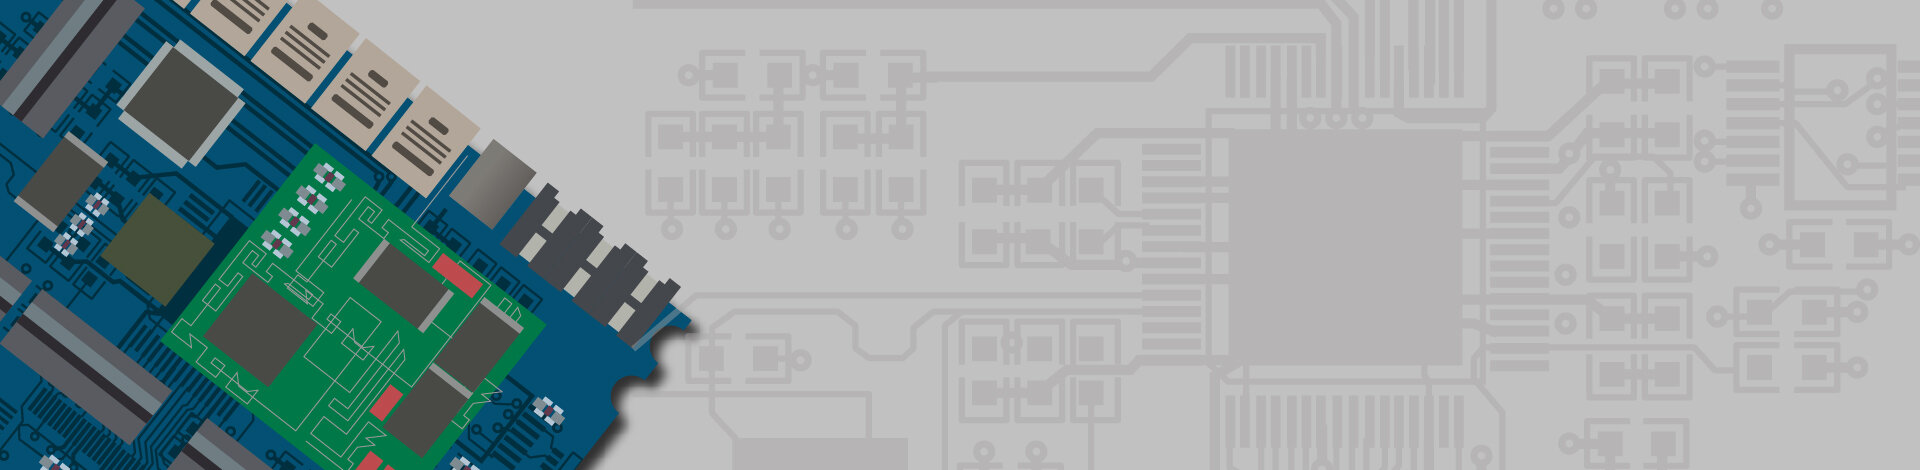 Industrial CPU Board